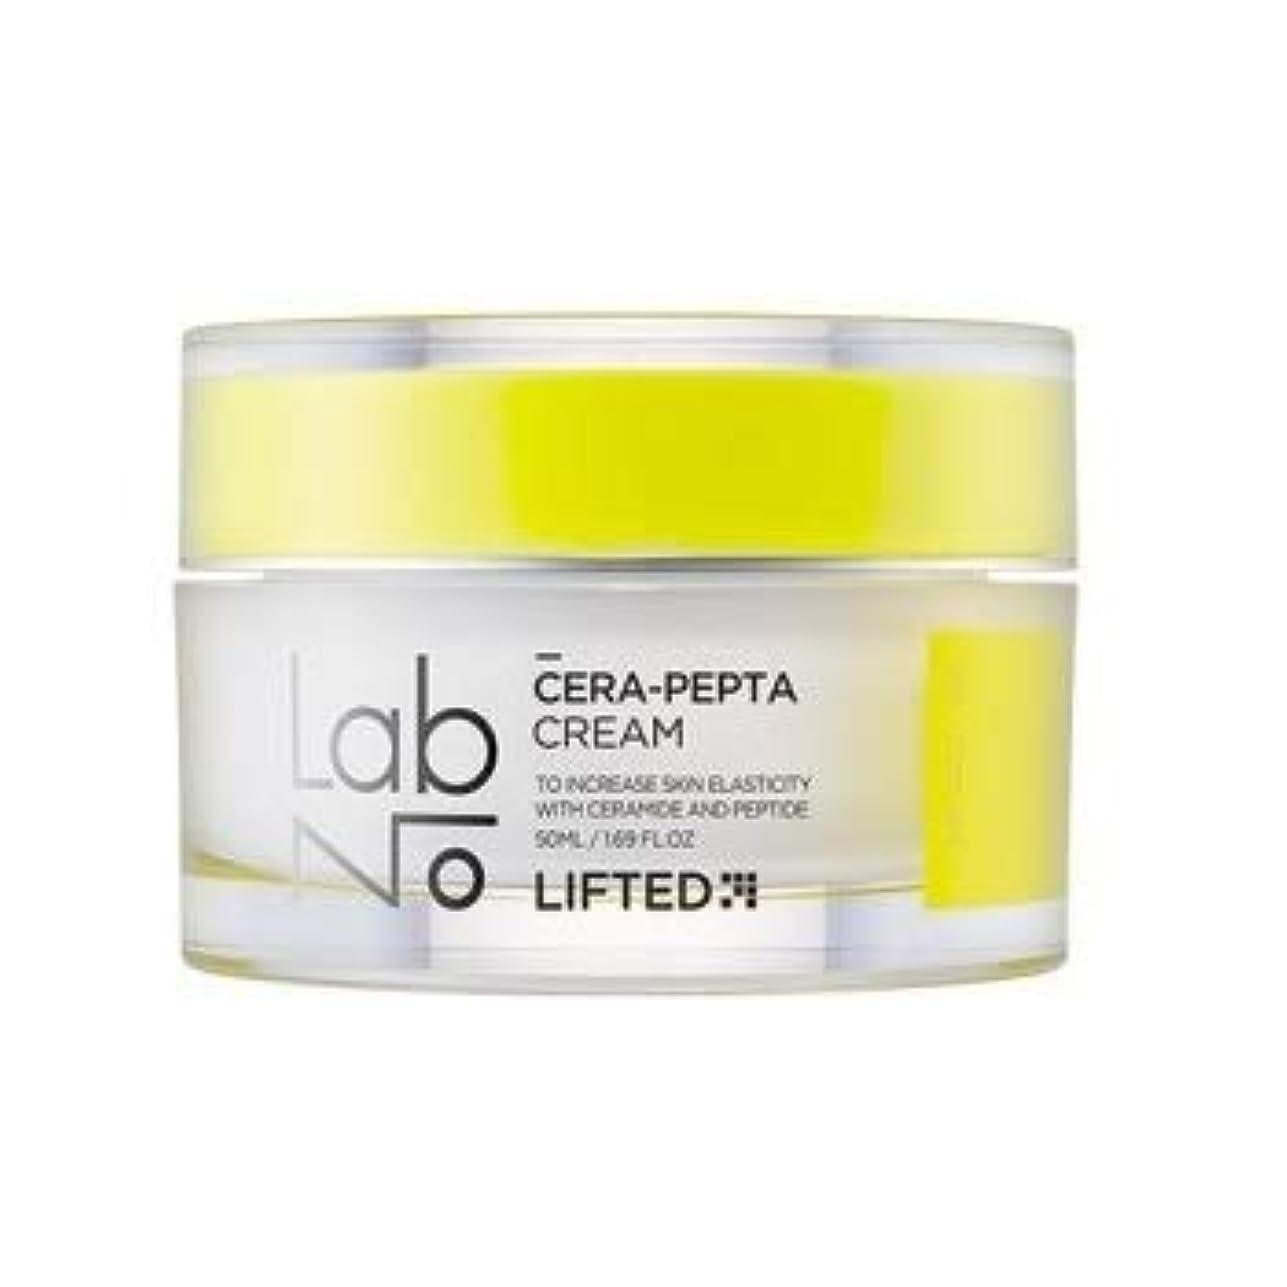 バタフライ始まり刃LabNo リフテッド セラ-ペプタ クリーム / Lifted Sera-Pepta Cream (50ml) [並行輸入品]